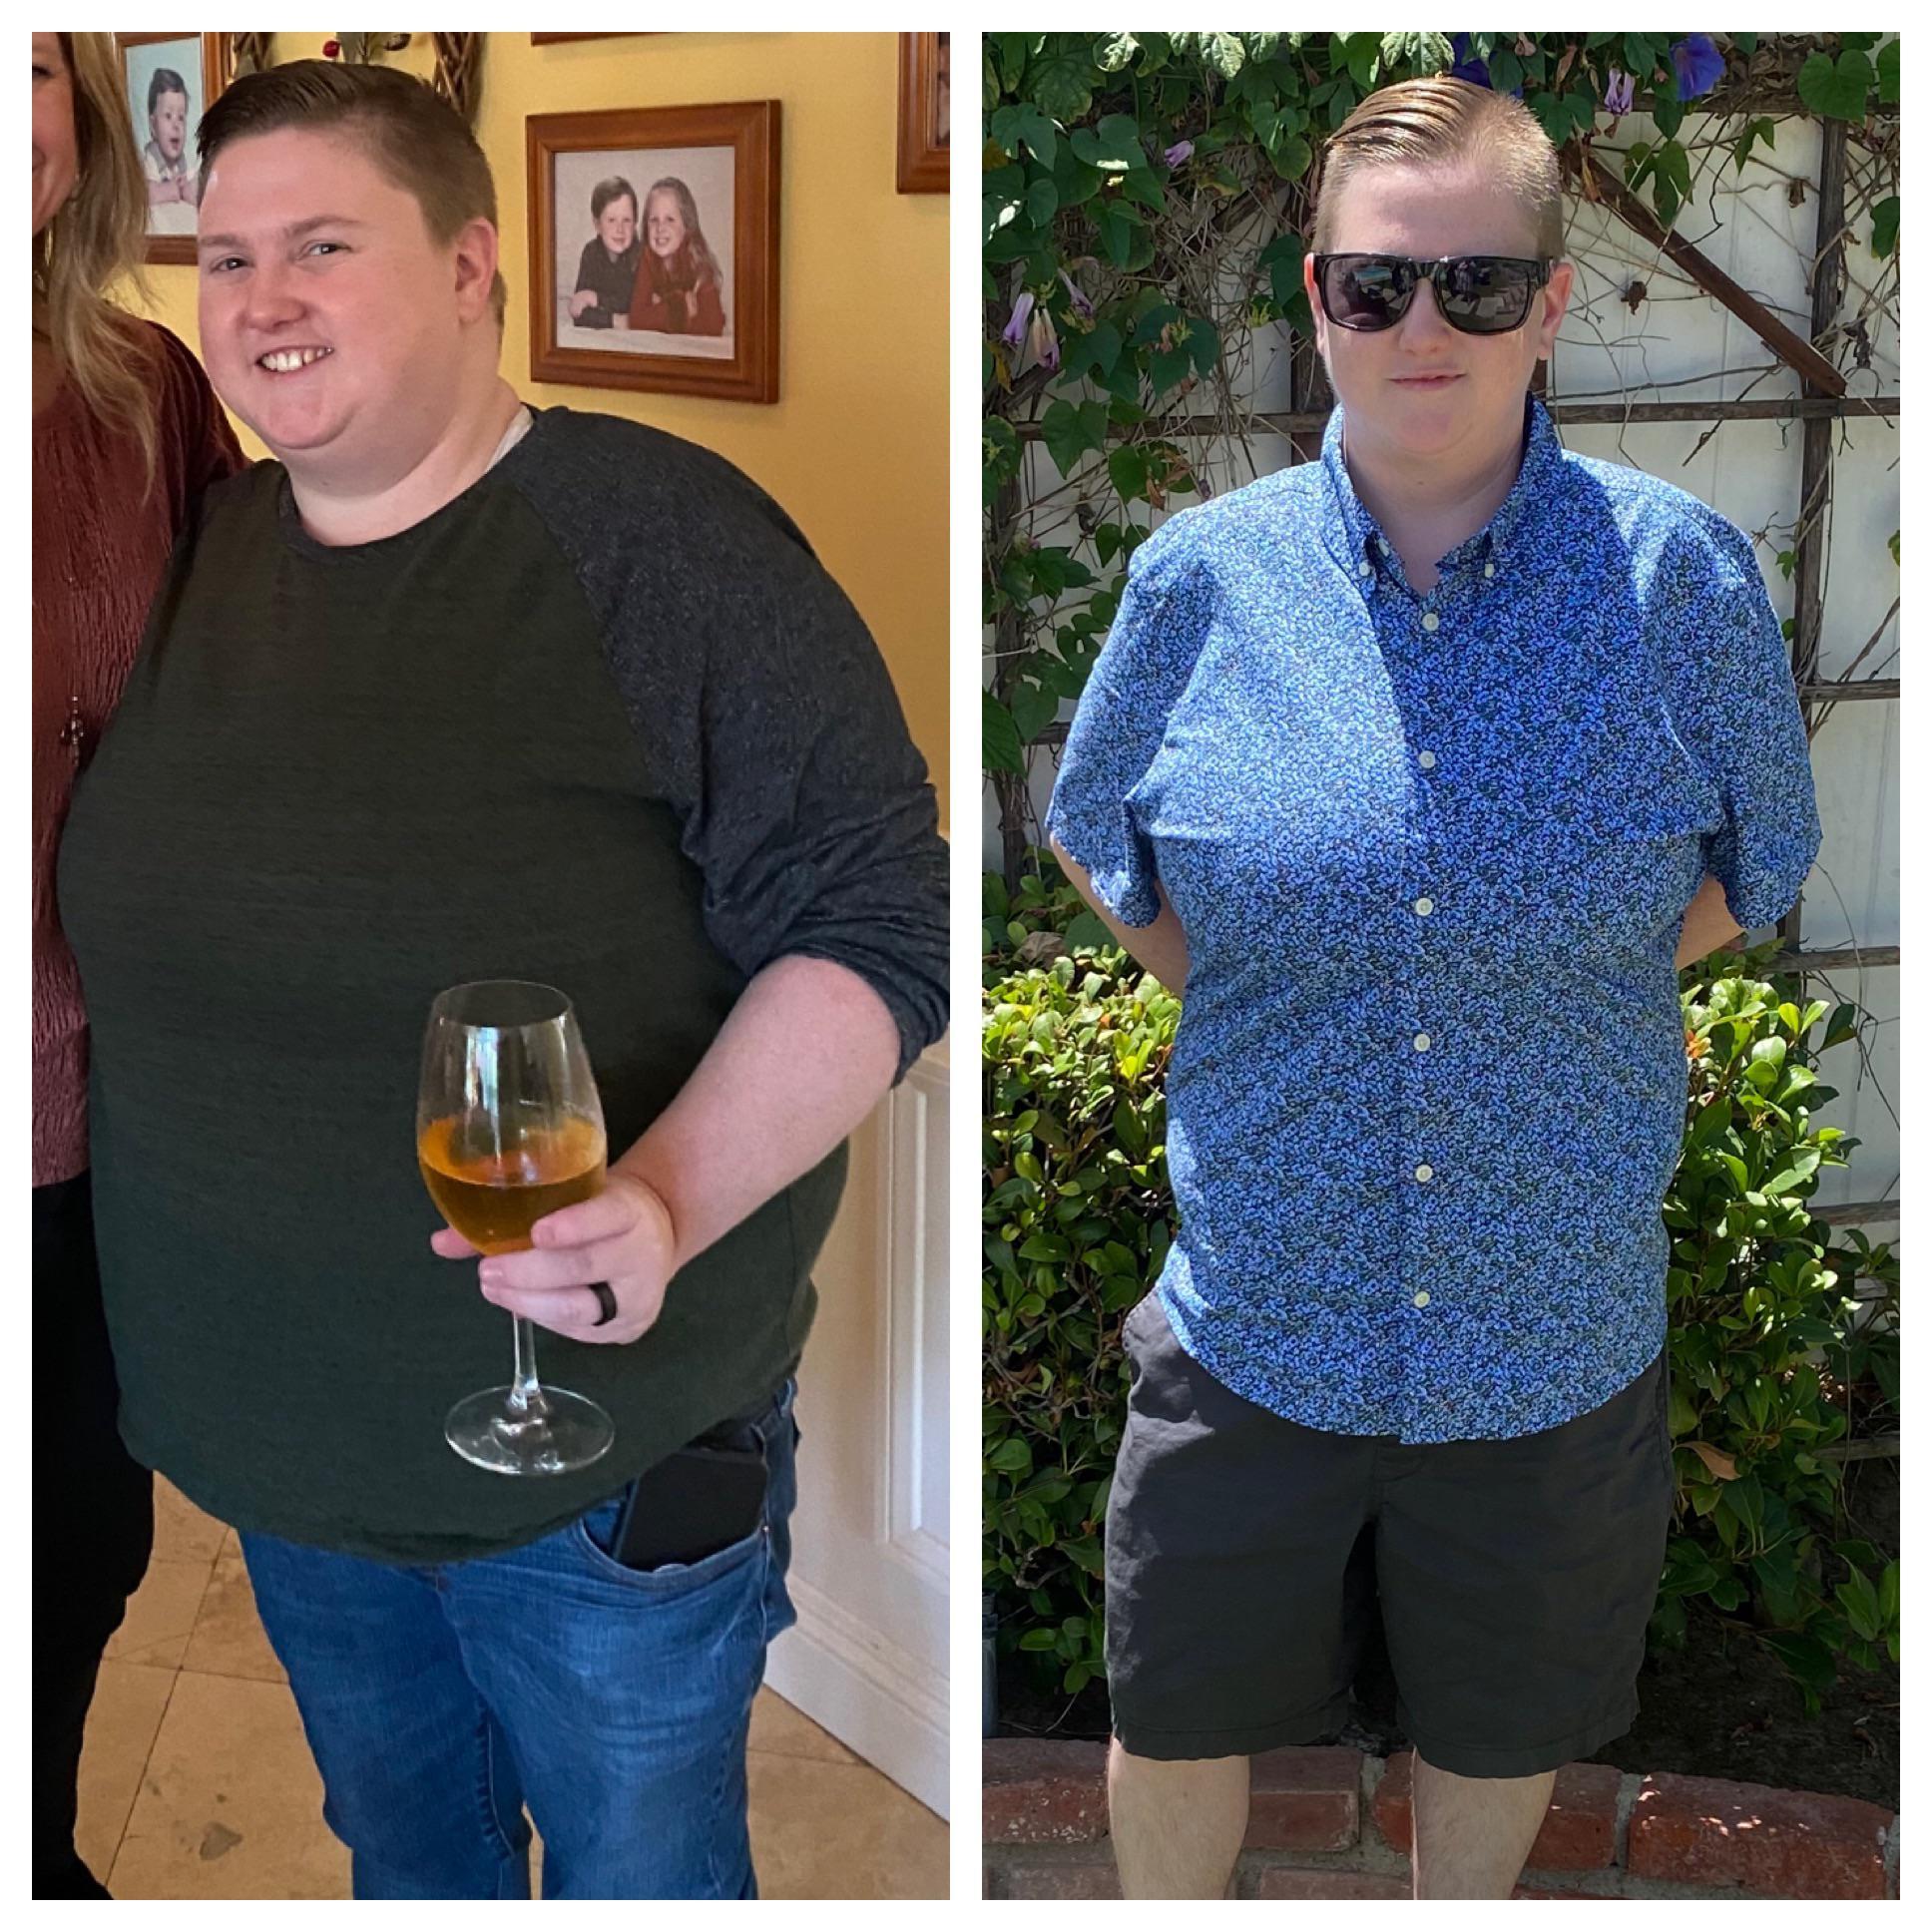 5 foot 1 Female Progress Pics of 75 lbs Fat Loss 220 lbs to 145 lbs